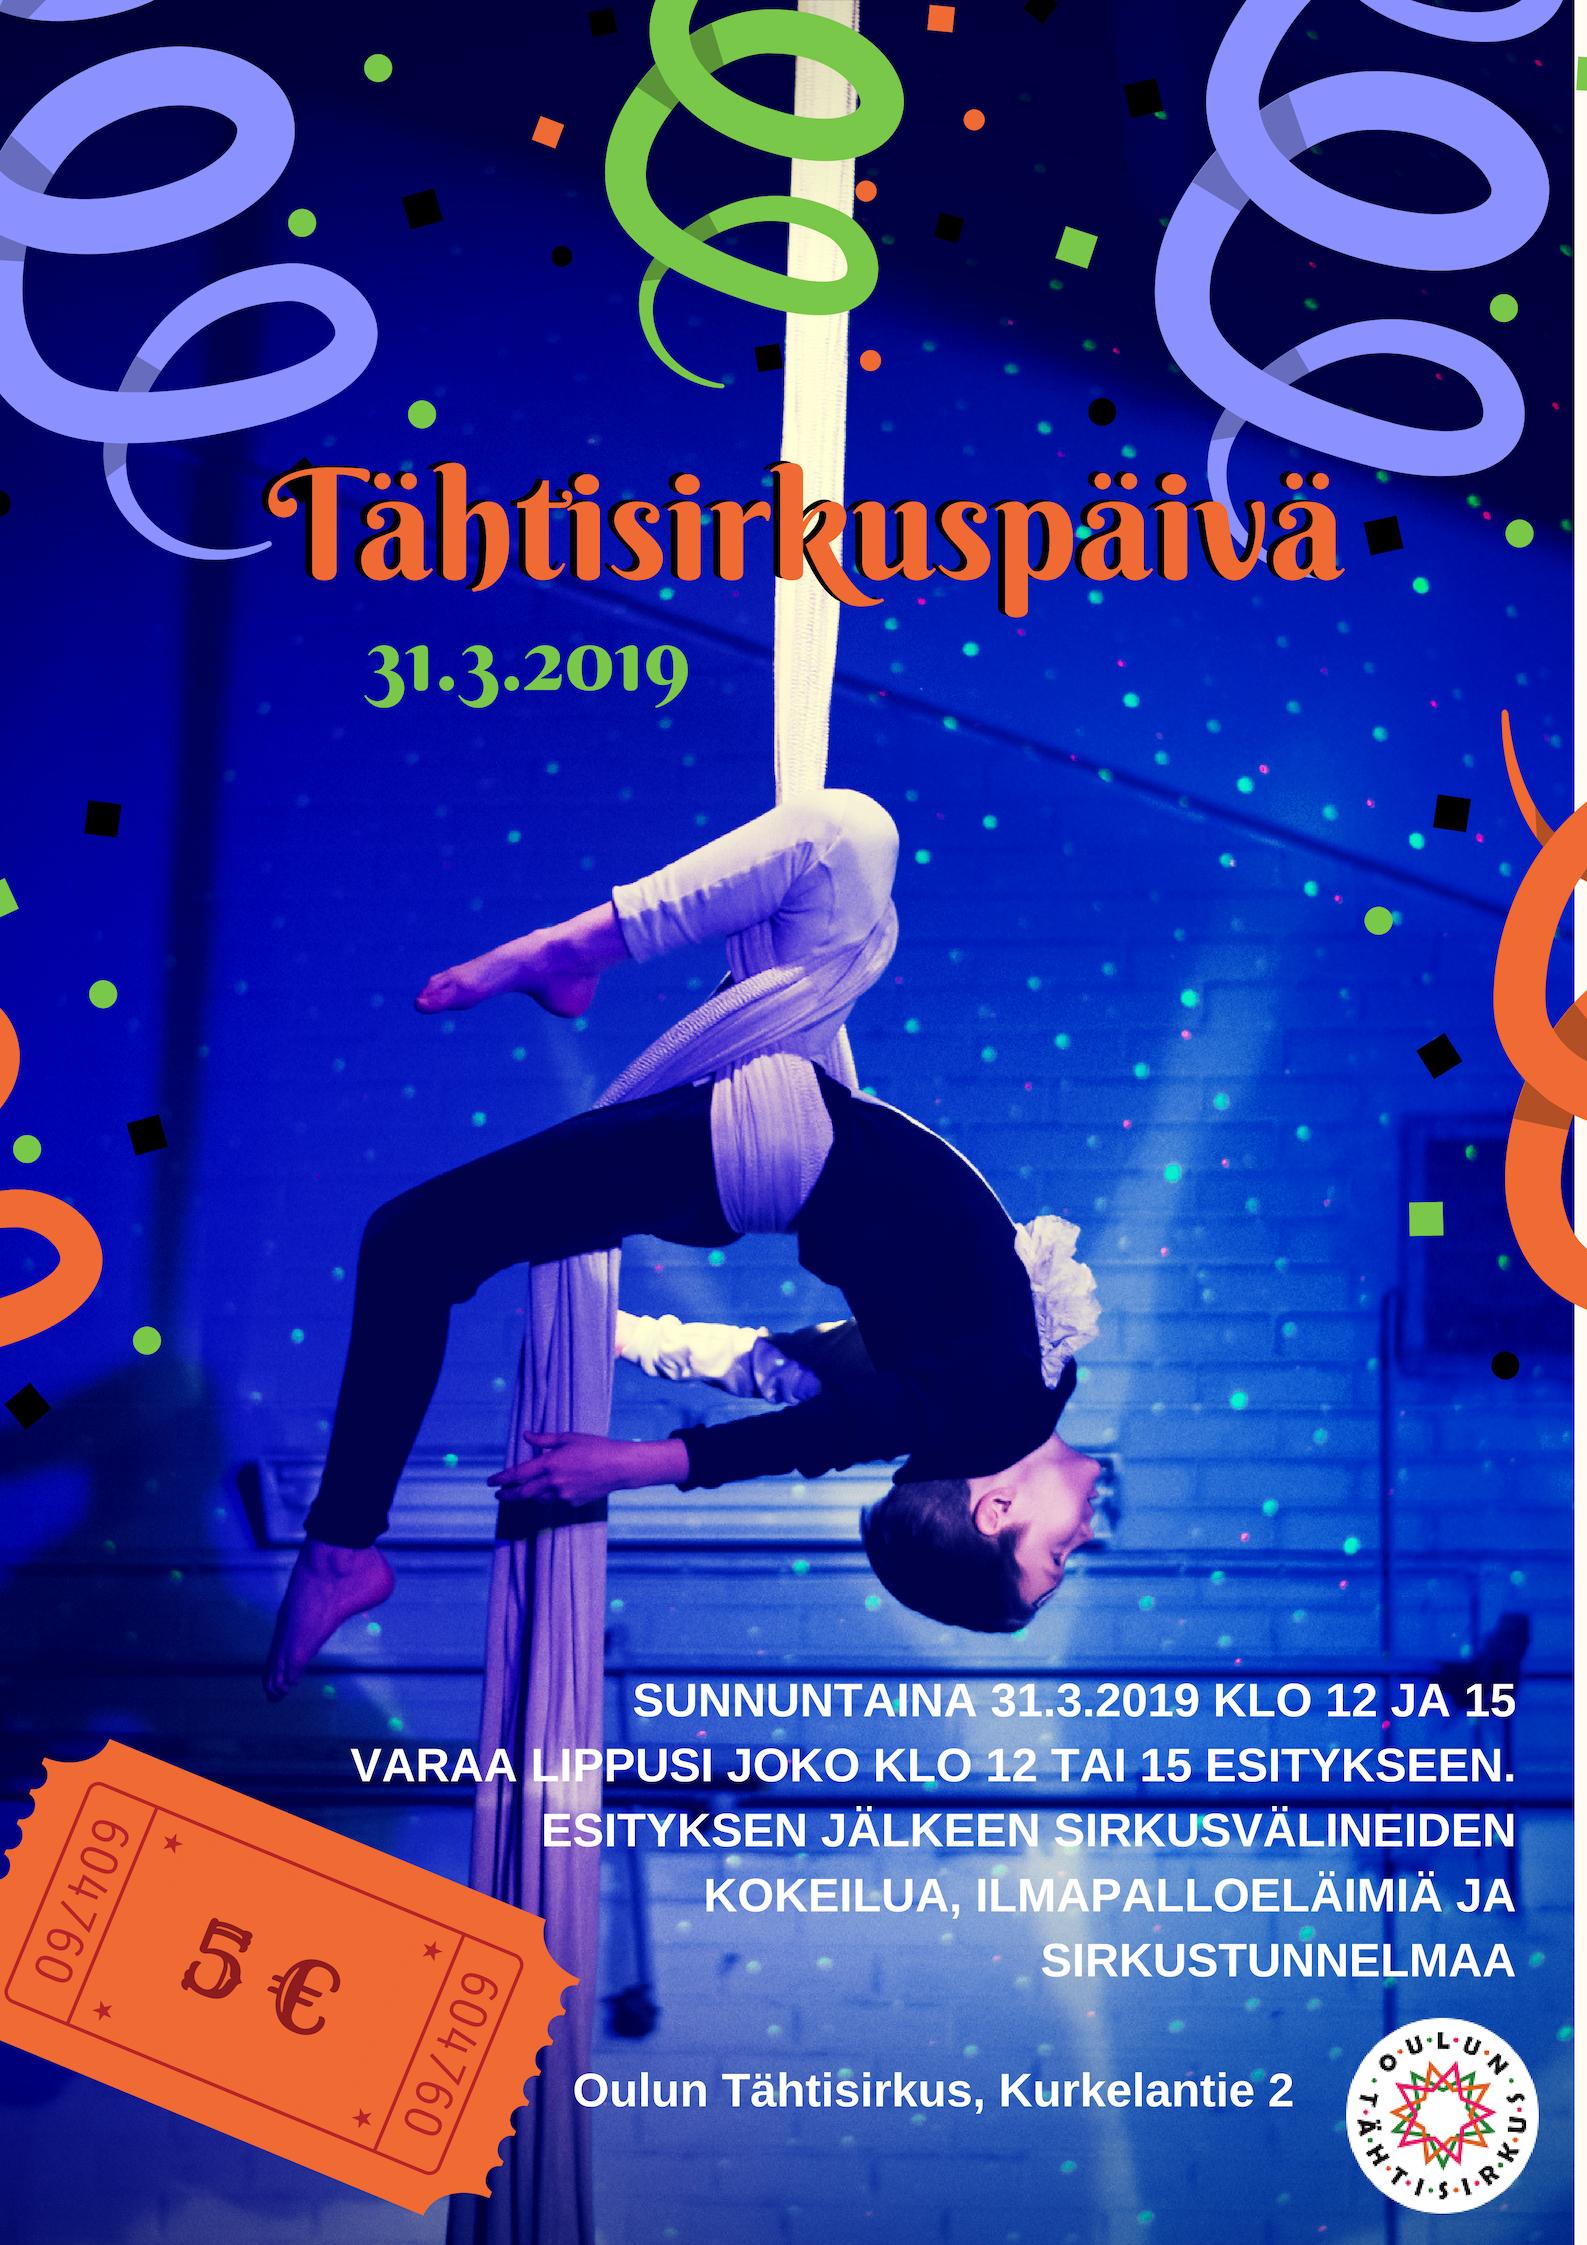 Oulun Tähtisirkus